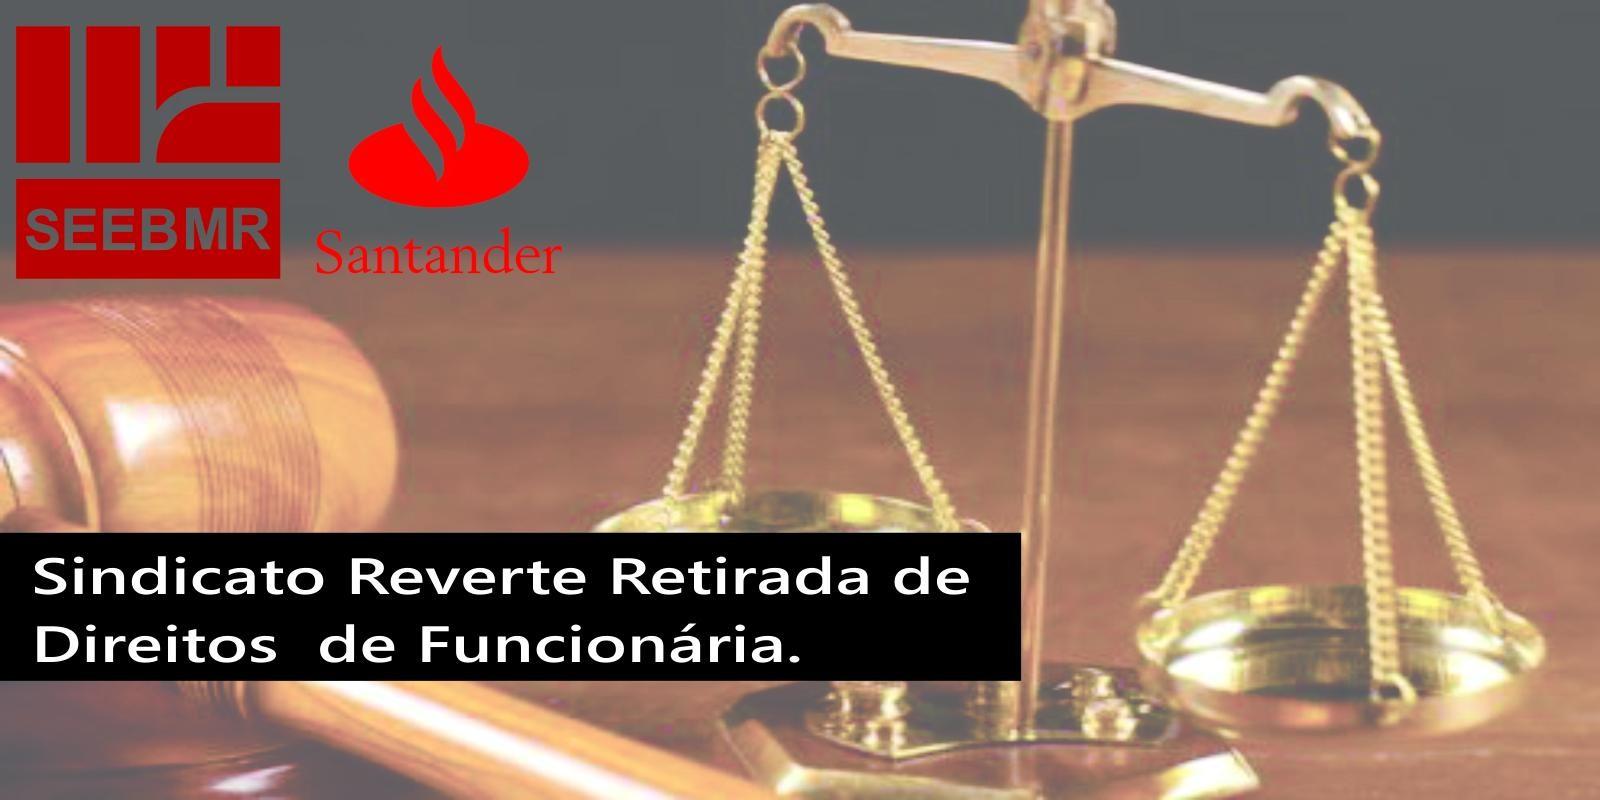 Sindicato Reverte Retirada de  Direitos Pelo Santander.